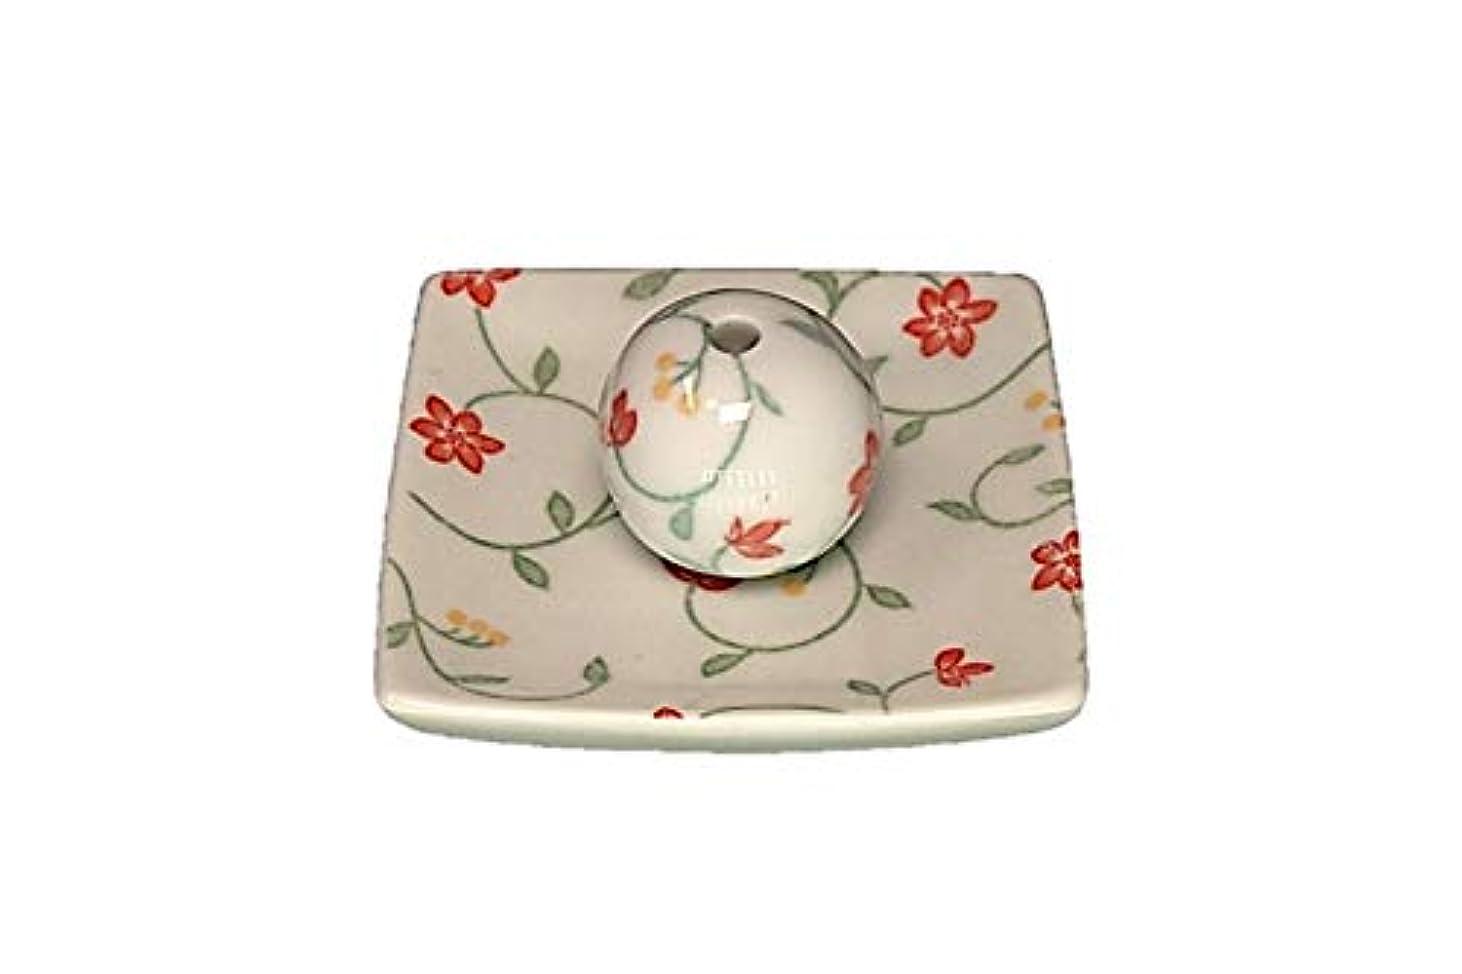 区別する熱望する気まぐれな玉手箱 小角皿 お香立て 陶器 ACSWEBSHOPオリジナル